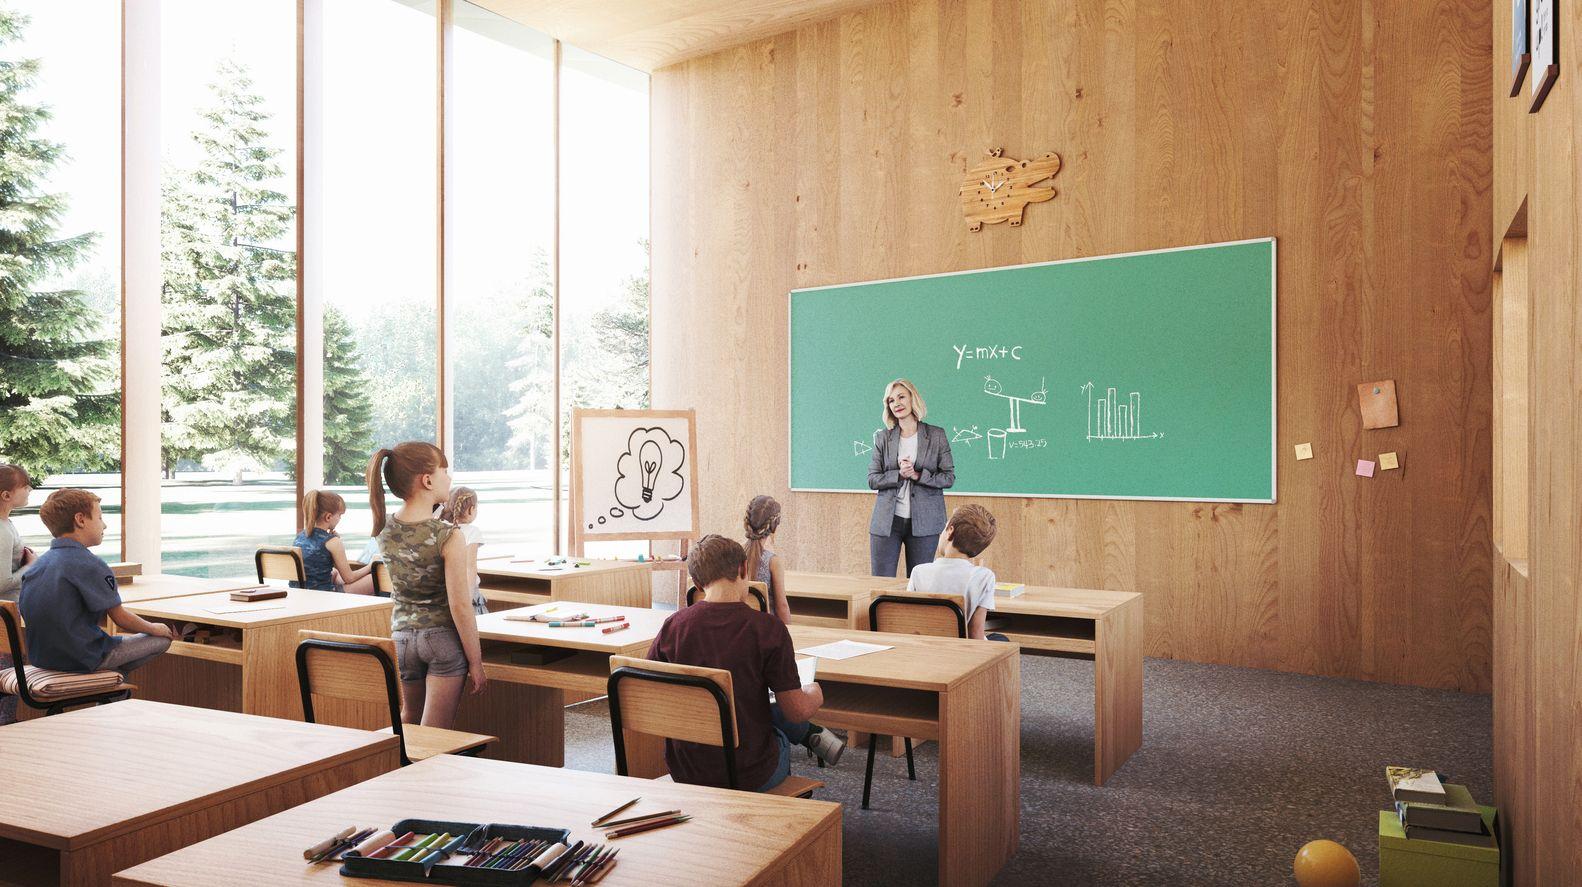 Nas salas de aula, a relação com o exterior é aumentada